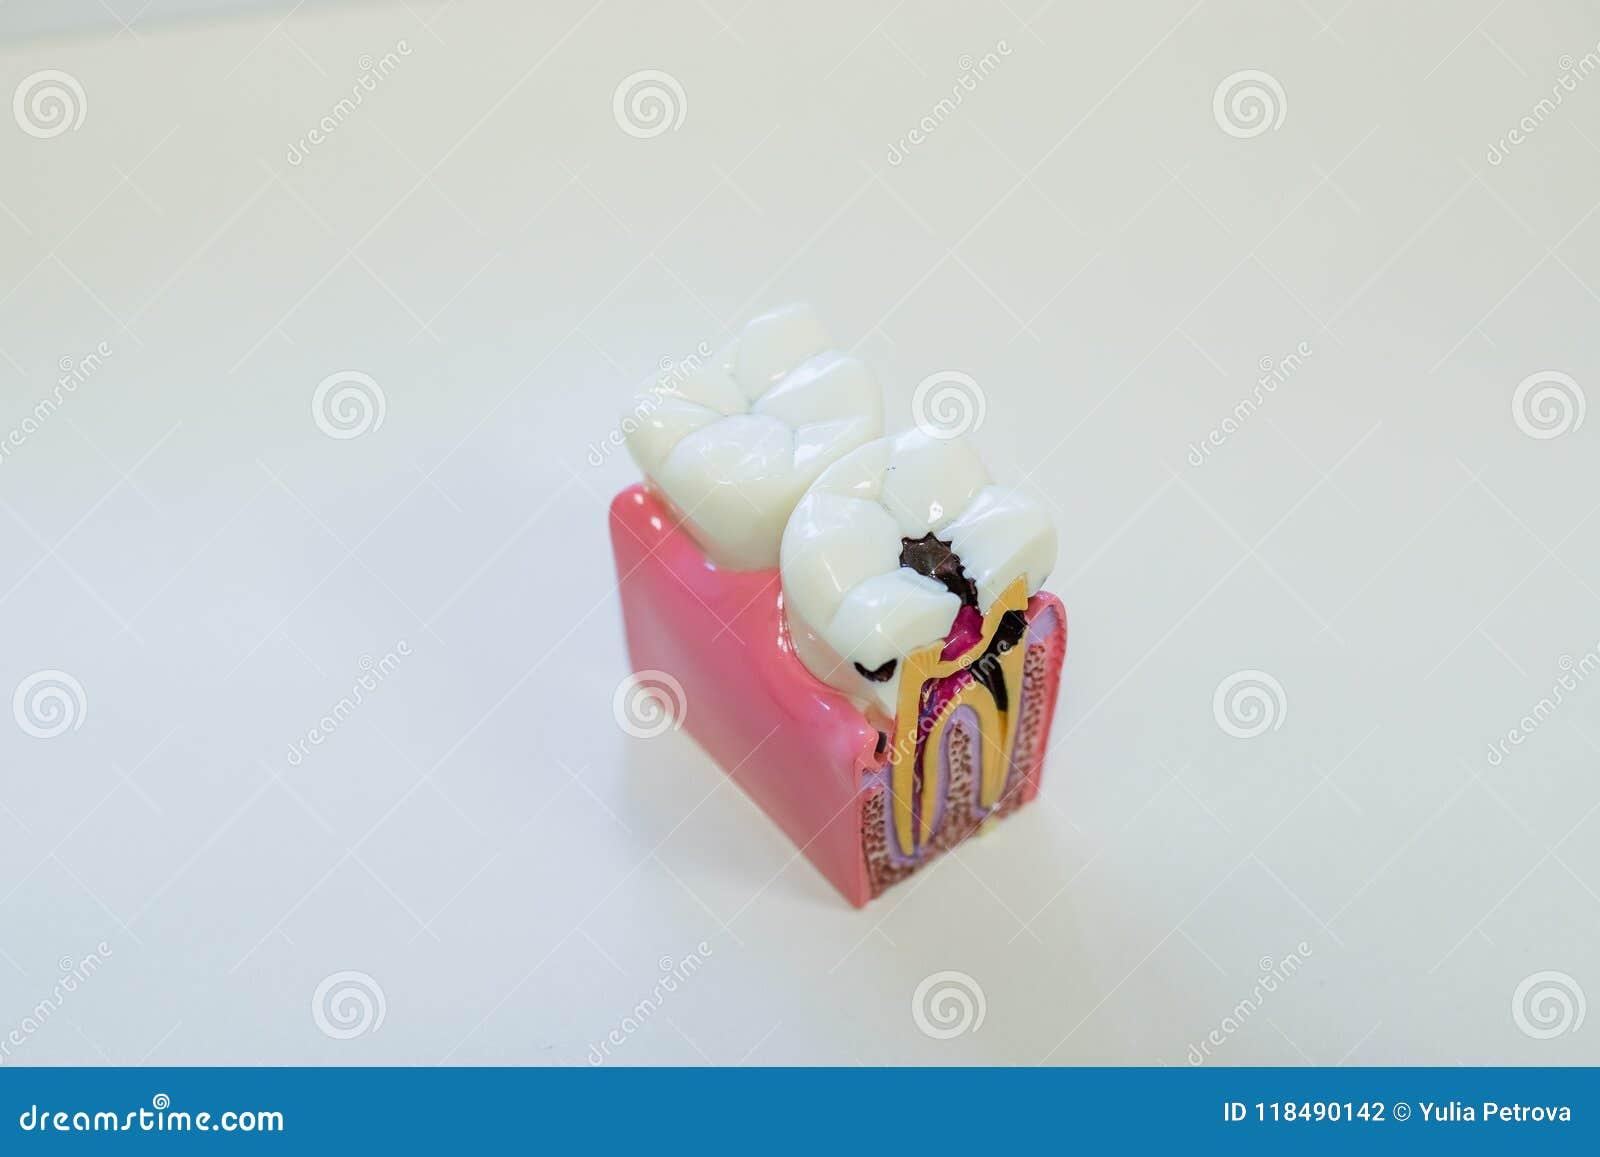 Stomatologicznej model teraźniejszości pospolita stomatologiczna choroba tak jak próchnicy, mądrość ząb Oralni zdrowie Zębu model